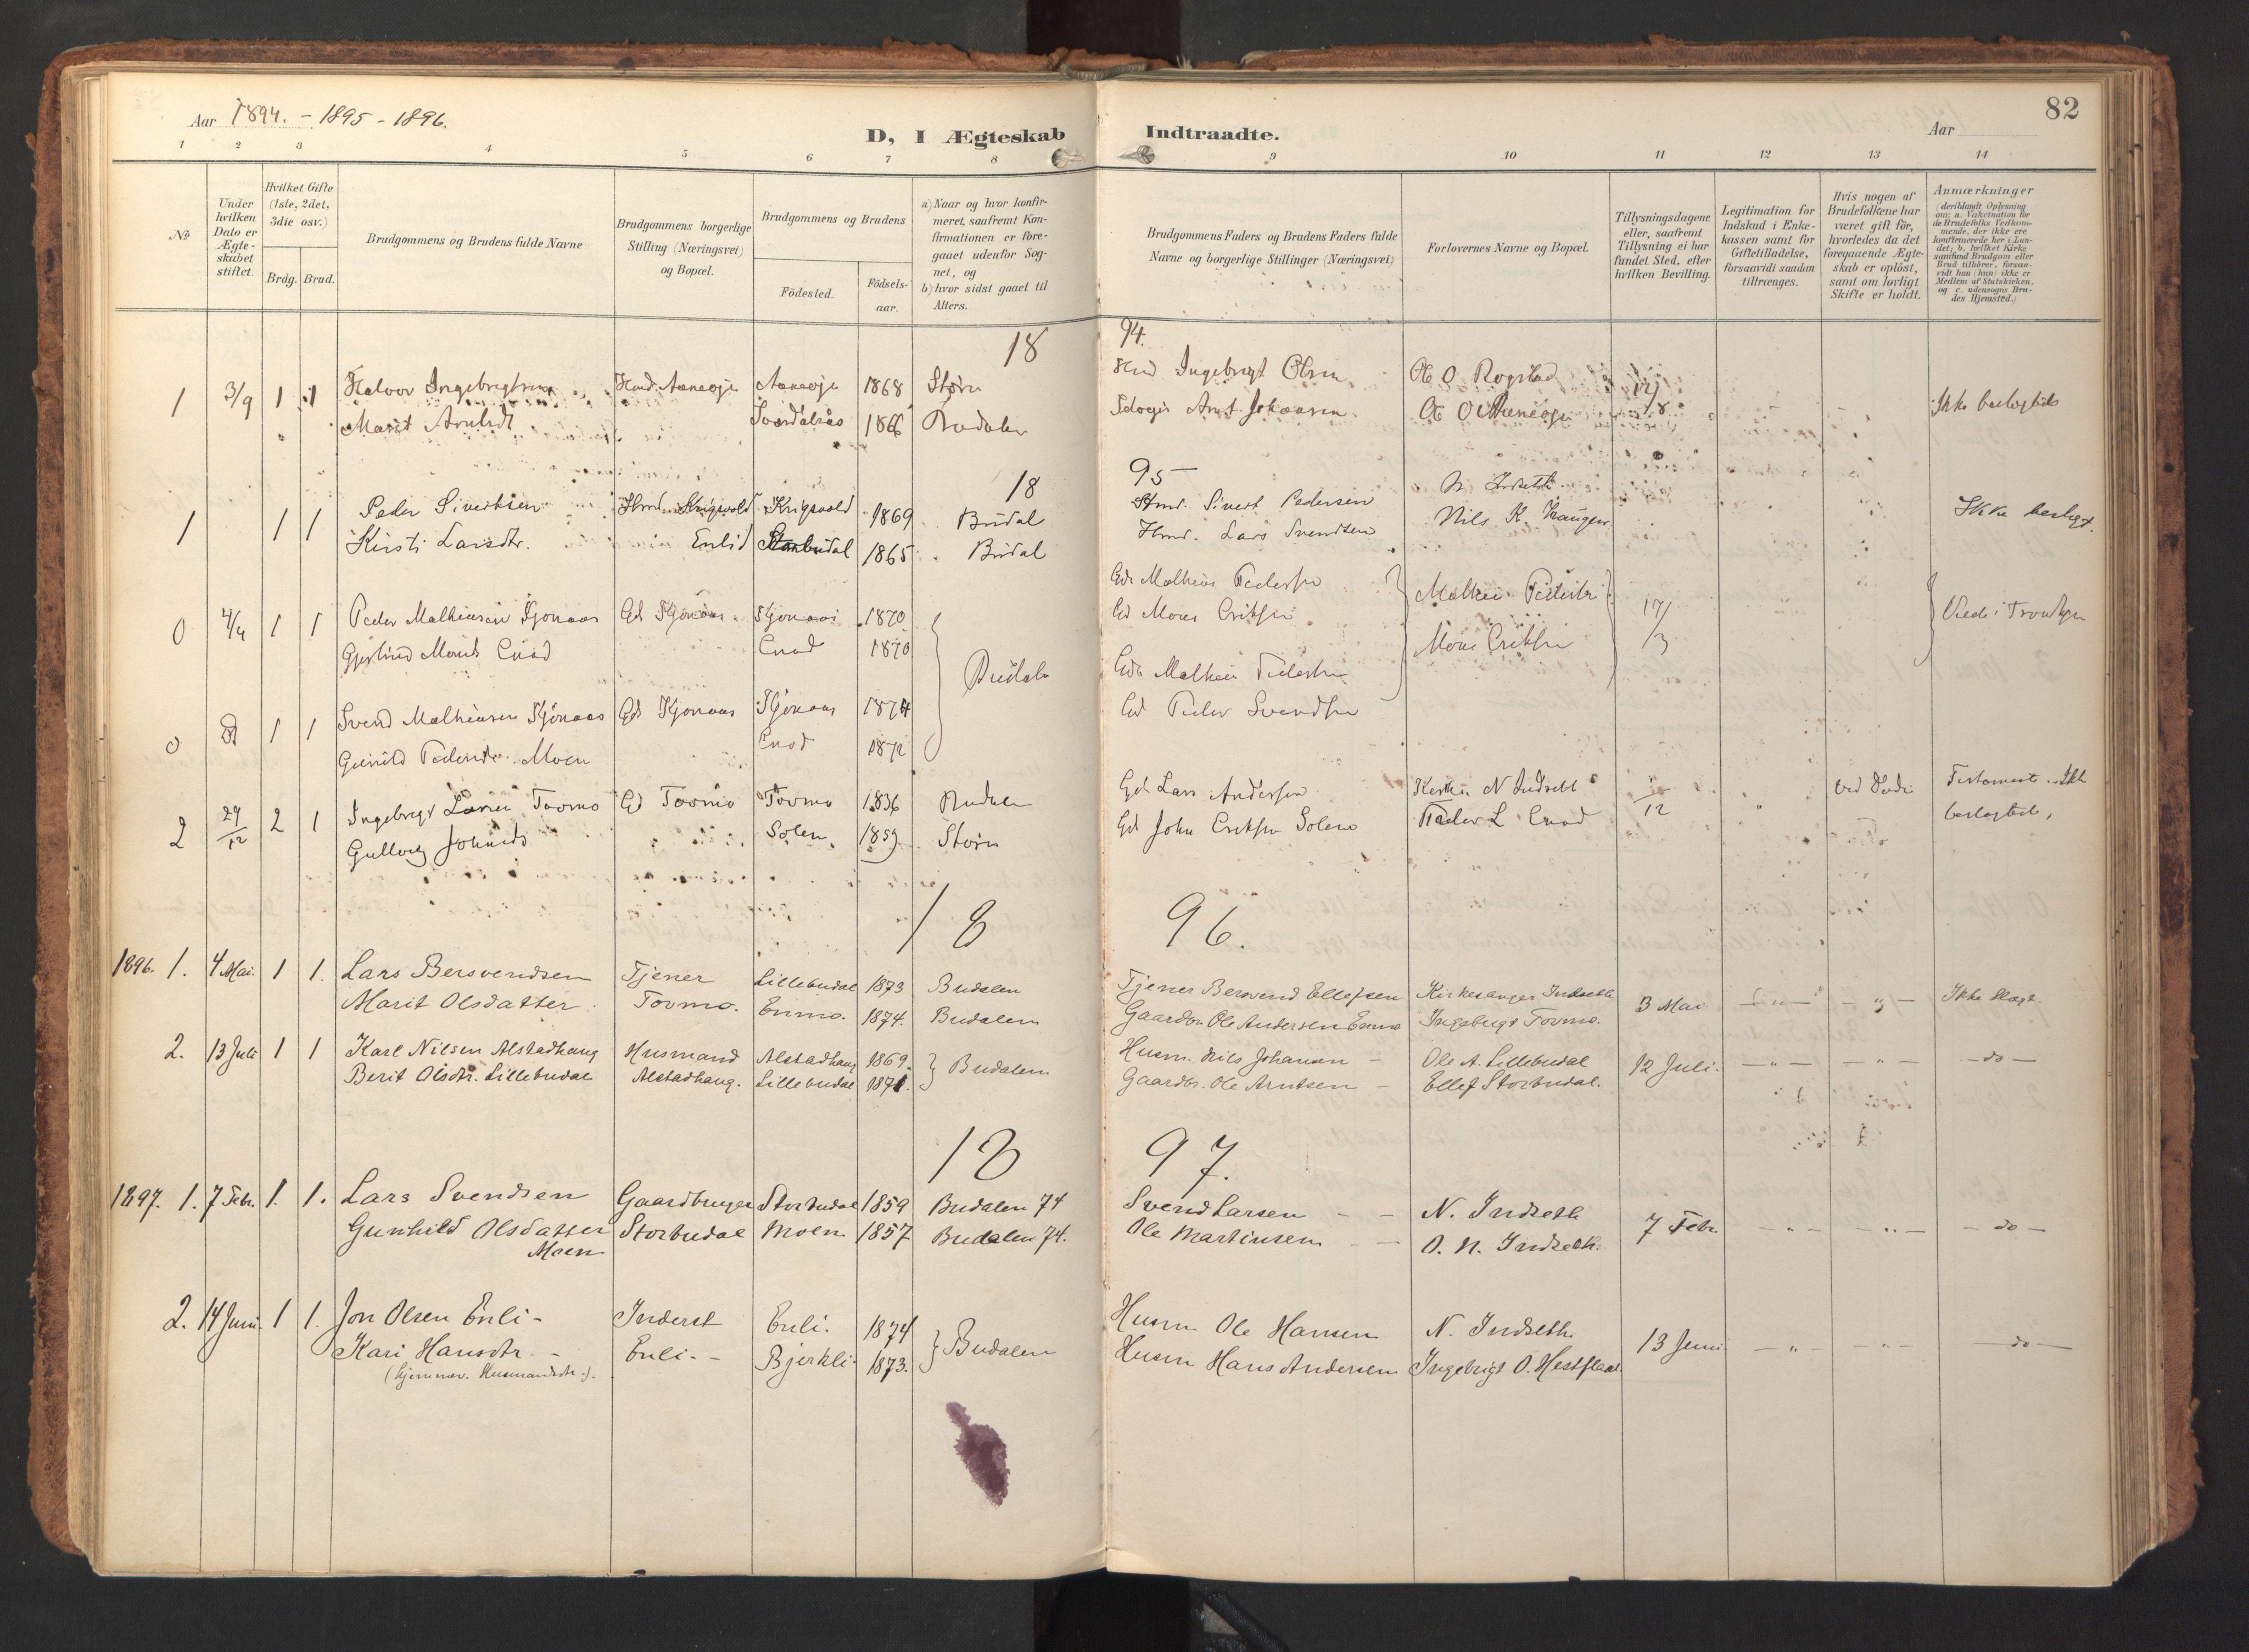 SAT, Ministerialprotokoller, klokkerbøker og fødselsregistre - Sør-Trøndelag, 690/L1050: Ministerialbok nr. 690A01, 1889-1929, s. 82